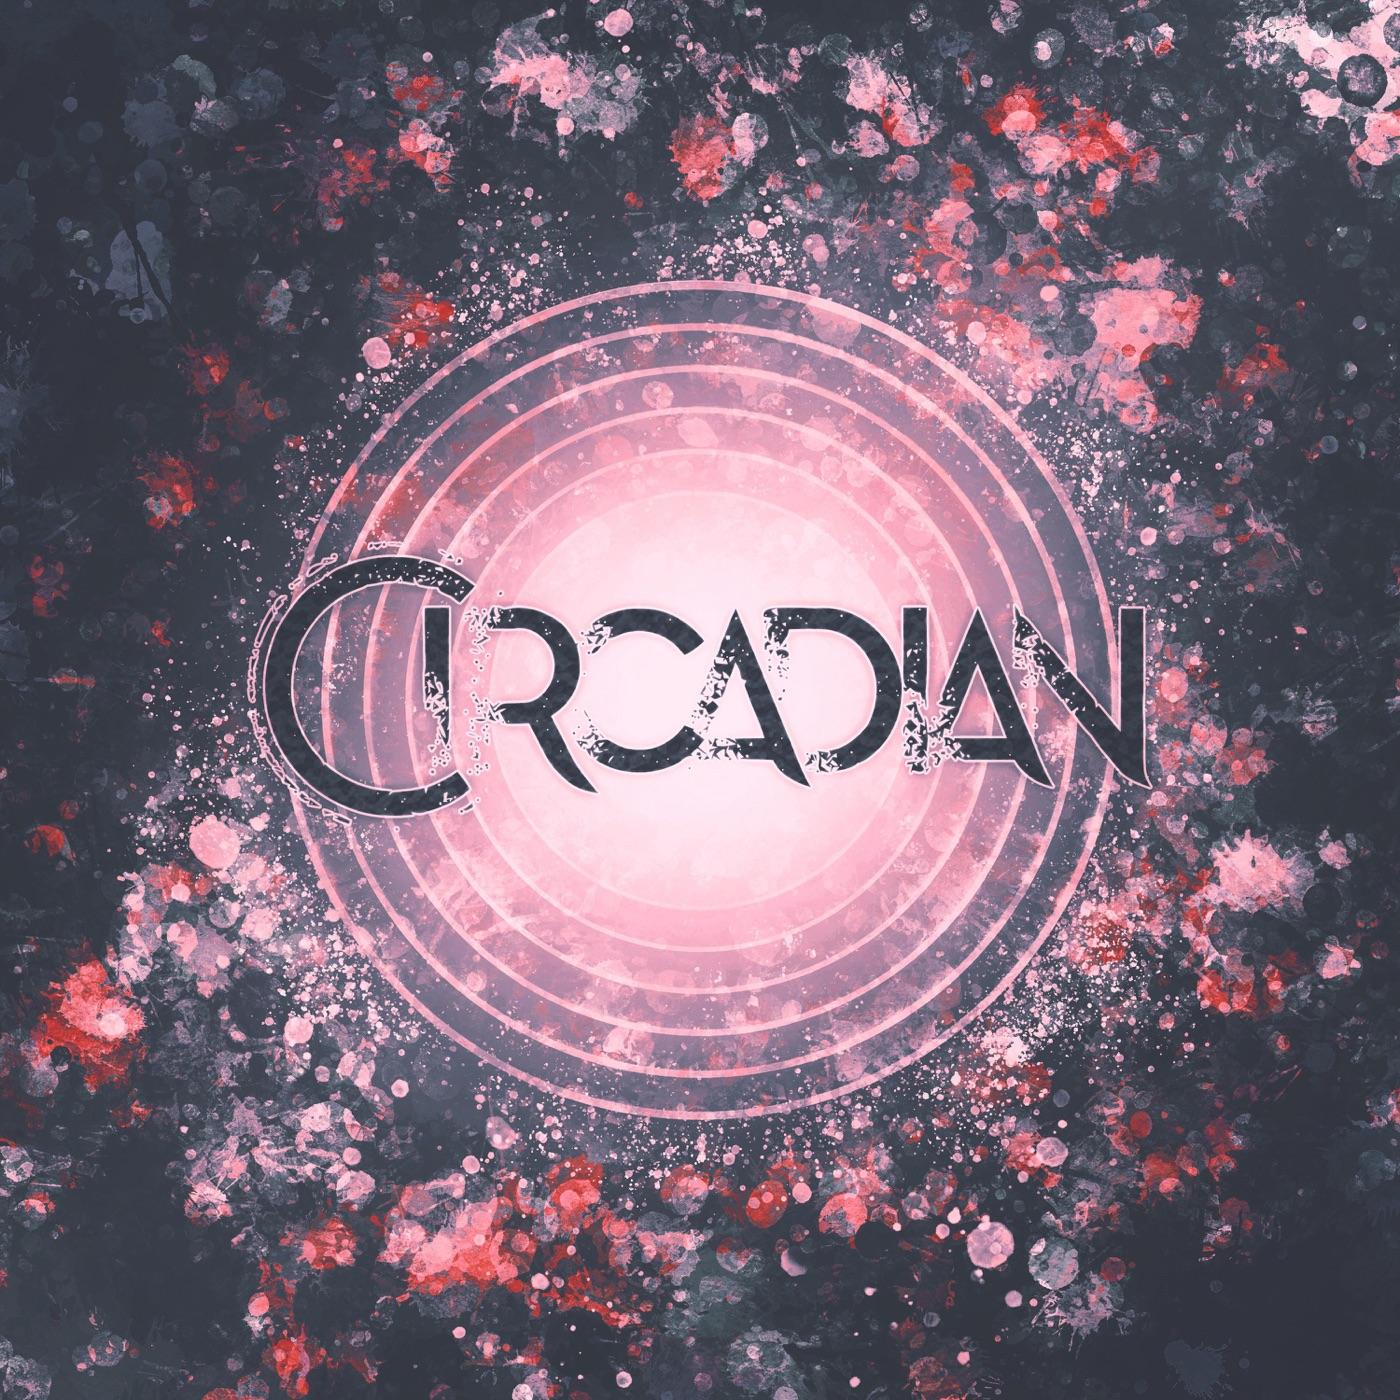 Circadian - Circadian [EP] (2019)